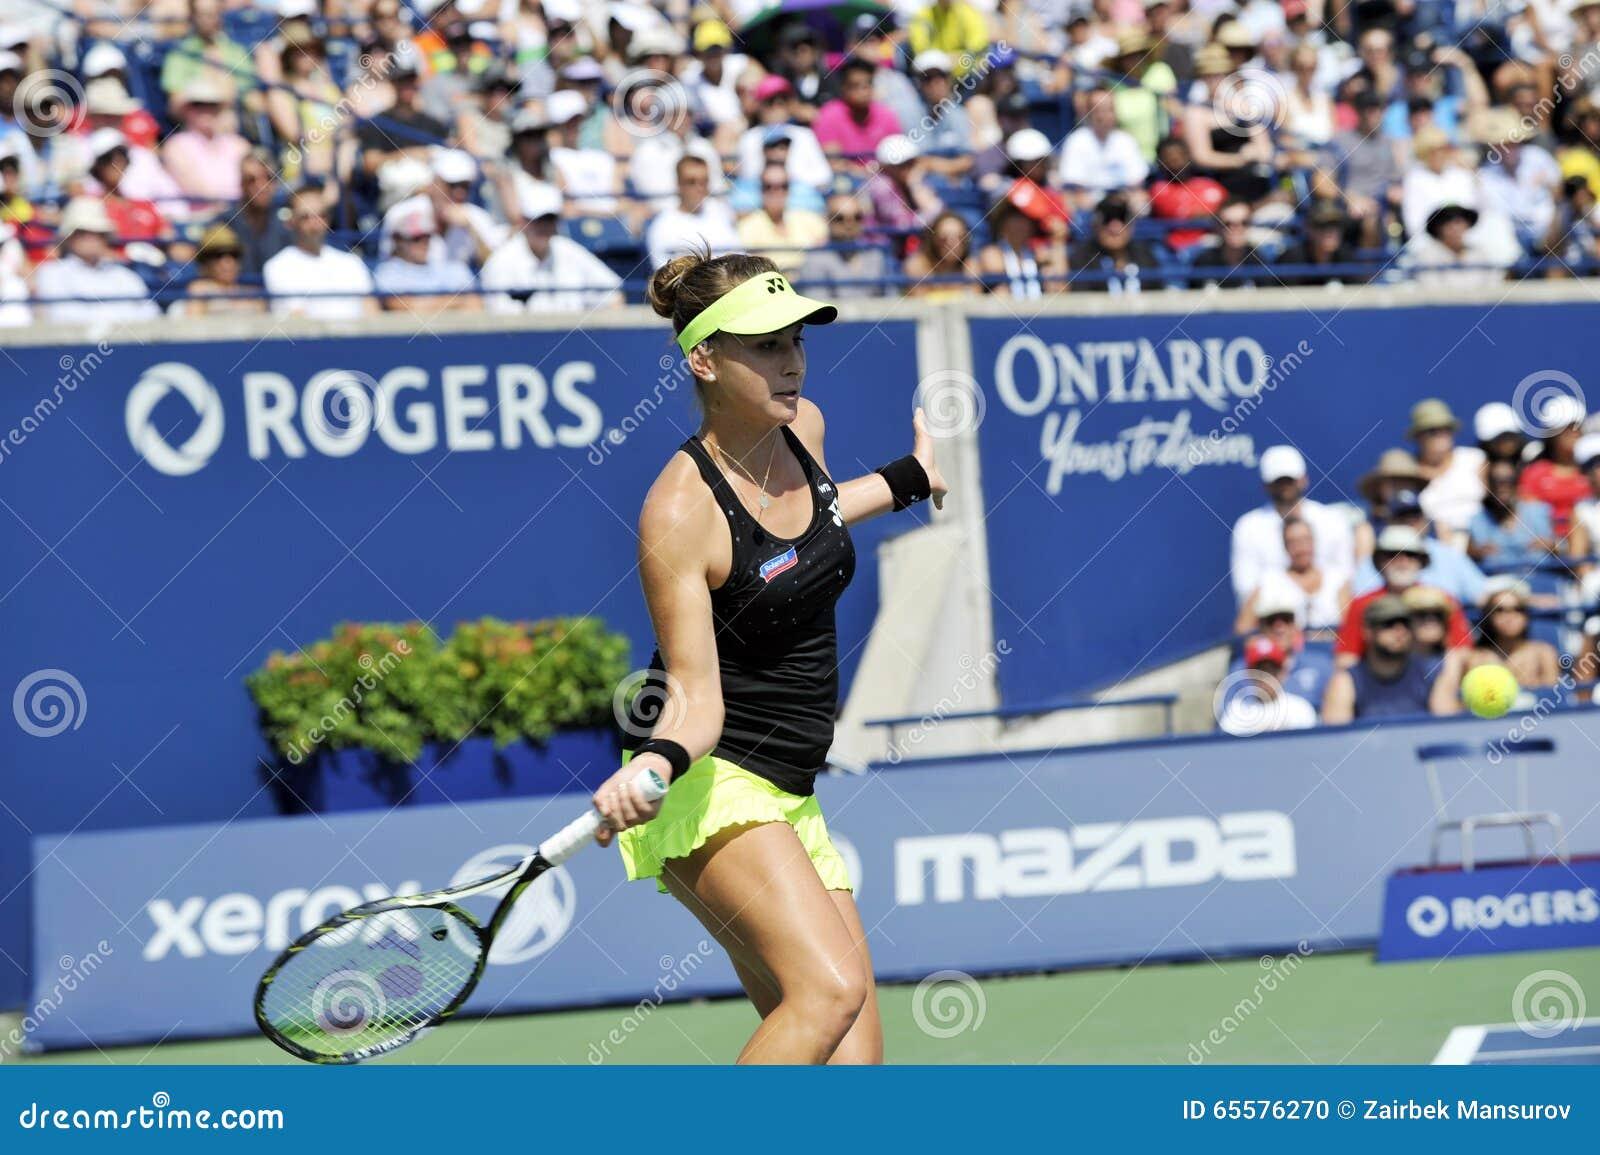 Bencic Belinda Rogers Cup (62)